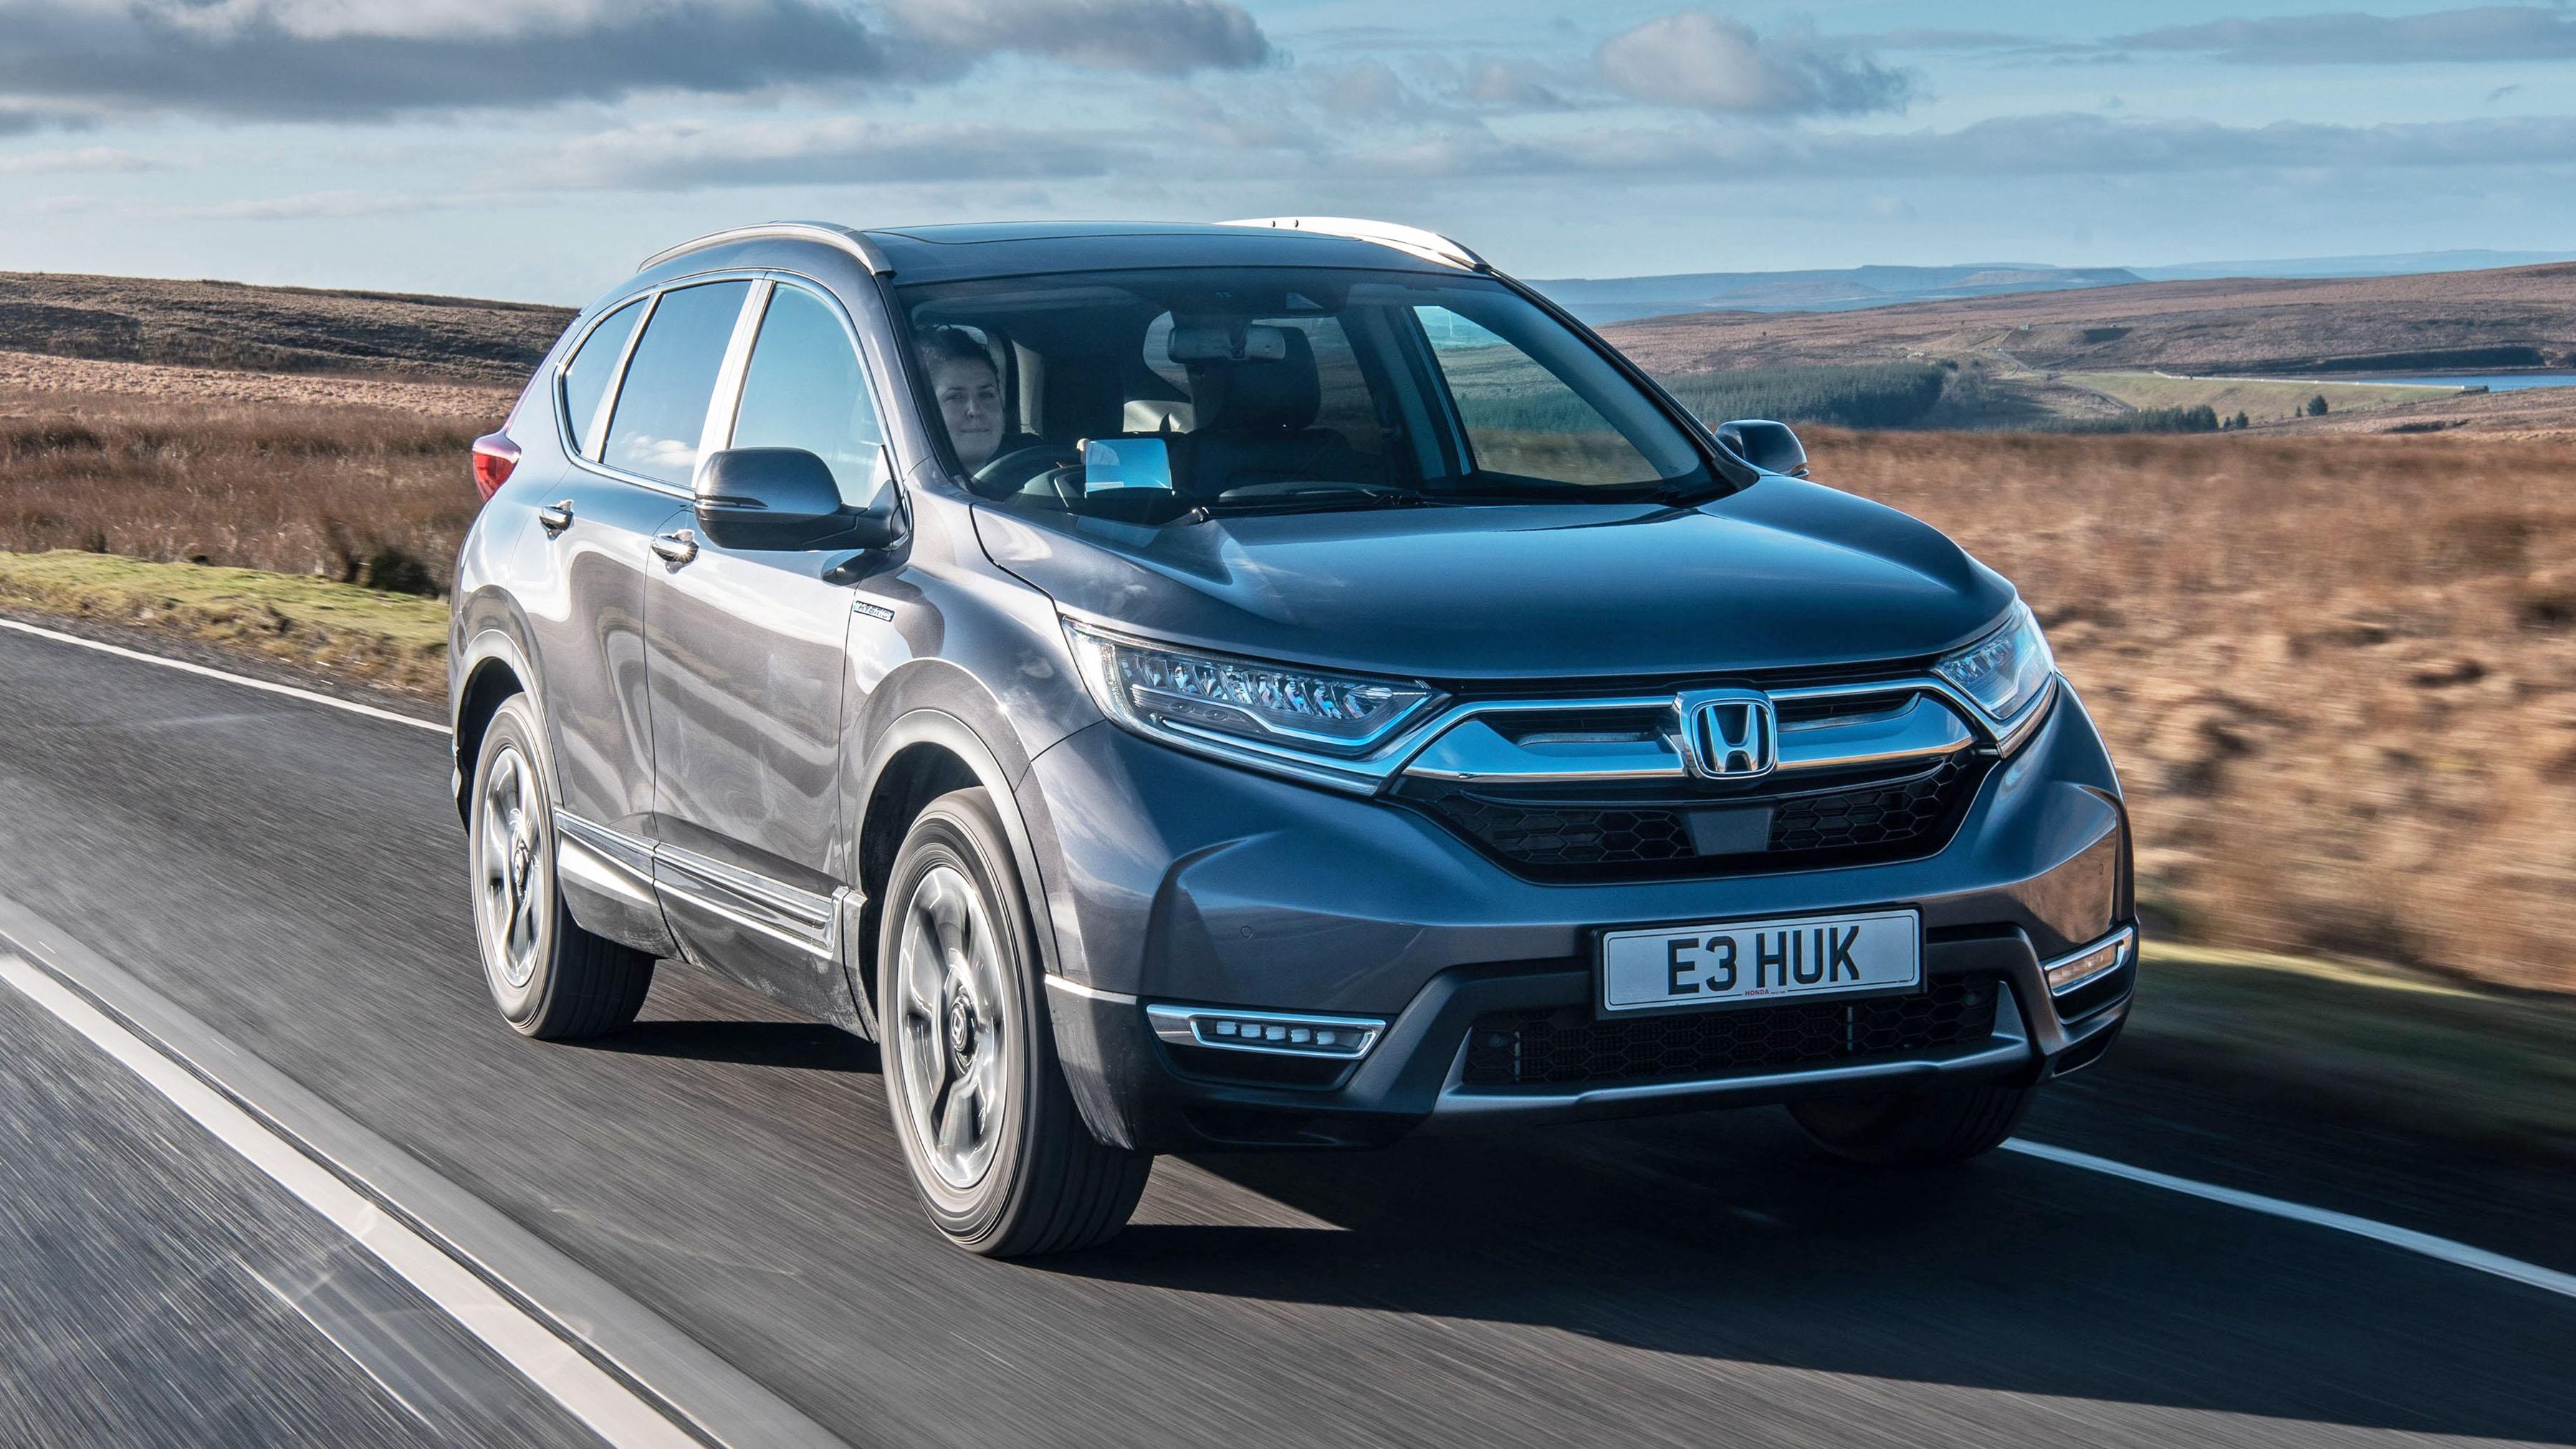 Kelebihan Honda Cr V 2019 Hybrid Top Model Tahun Ini